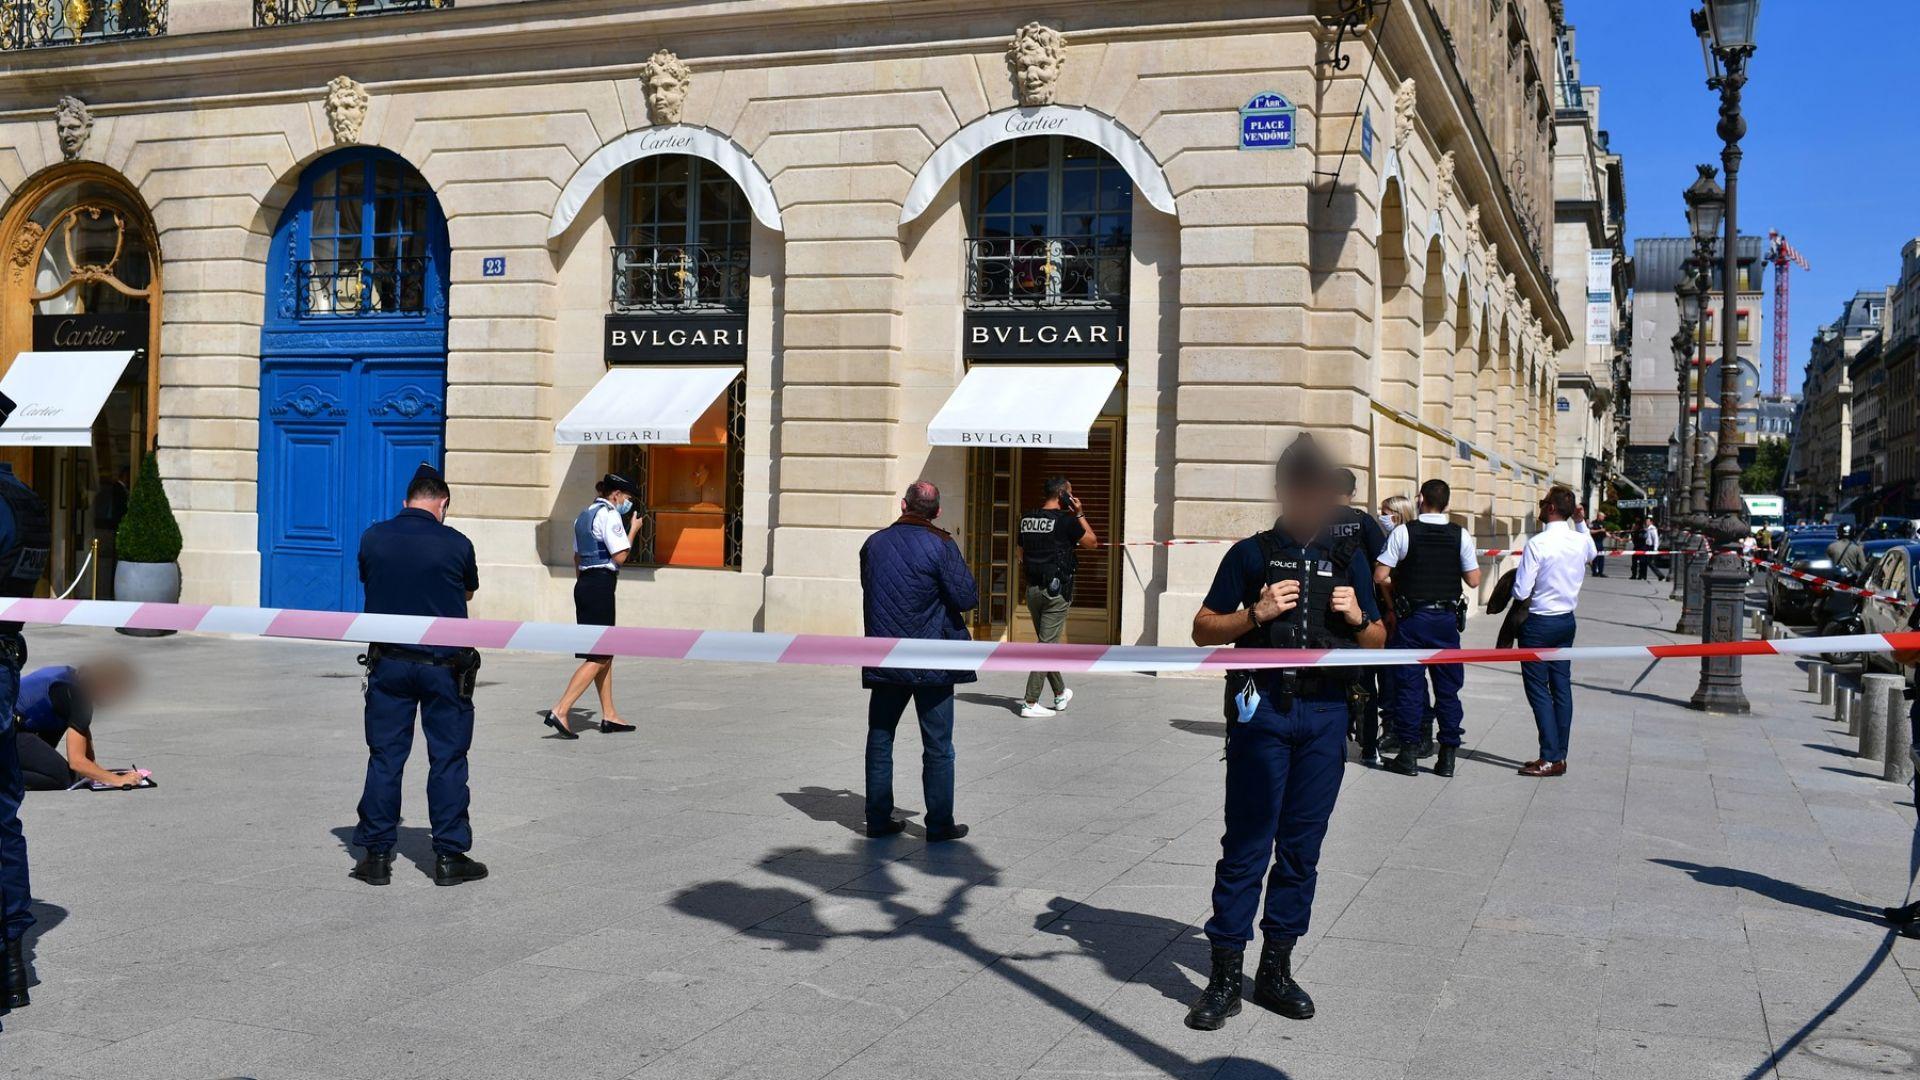 Въоръжен обир на бижута за милиони, гонка и стрелба в сърцето на Париж (видео)